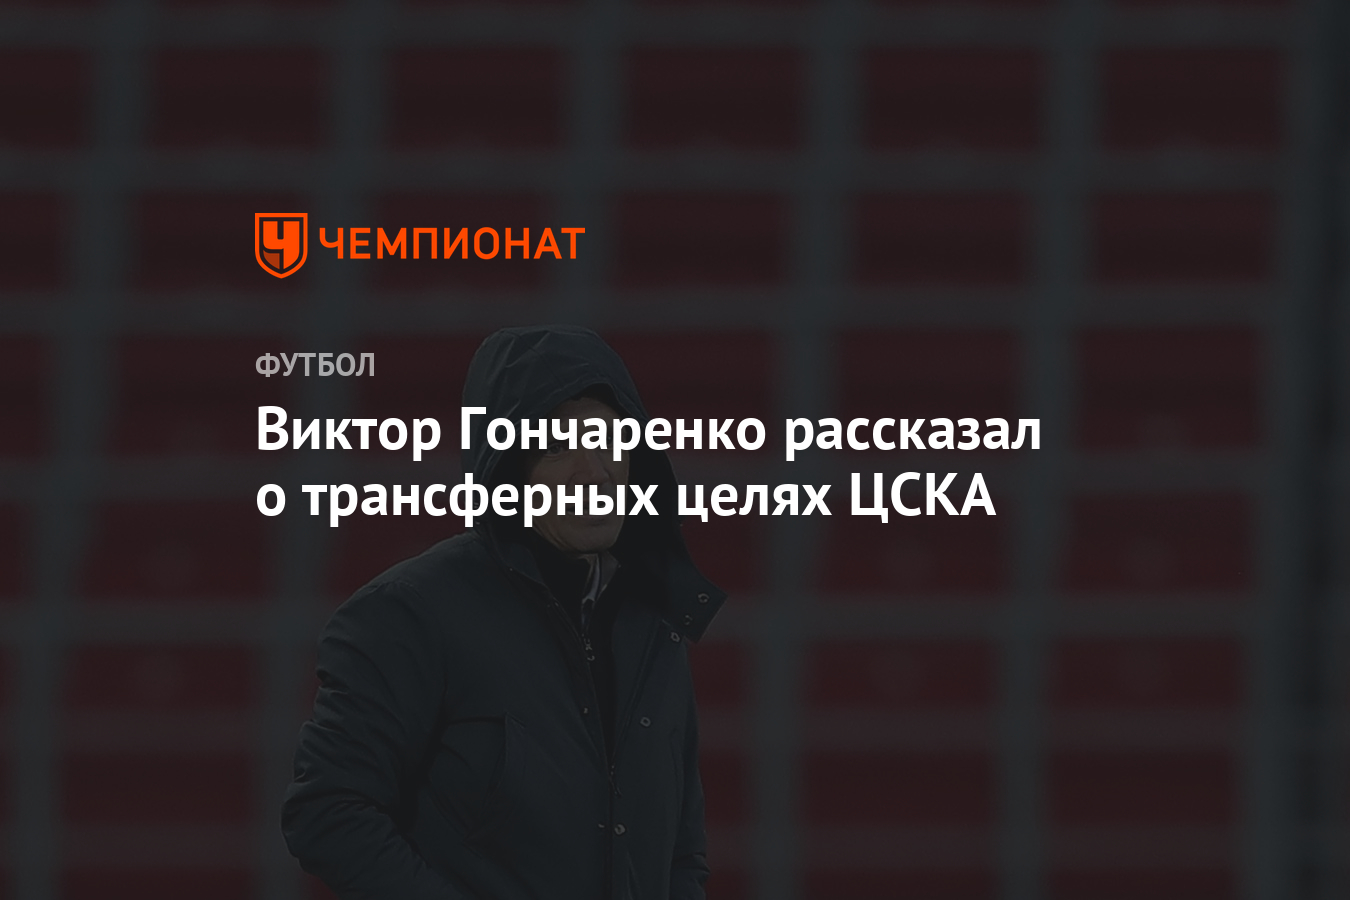 Виктор Гончаренко рассказал о трансферных целях ЦСКА - Чемпионат